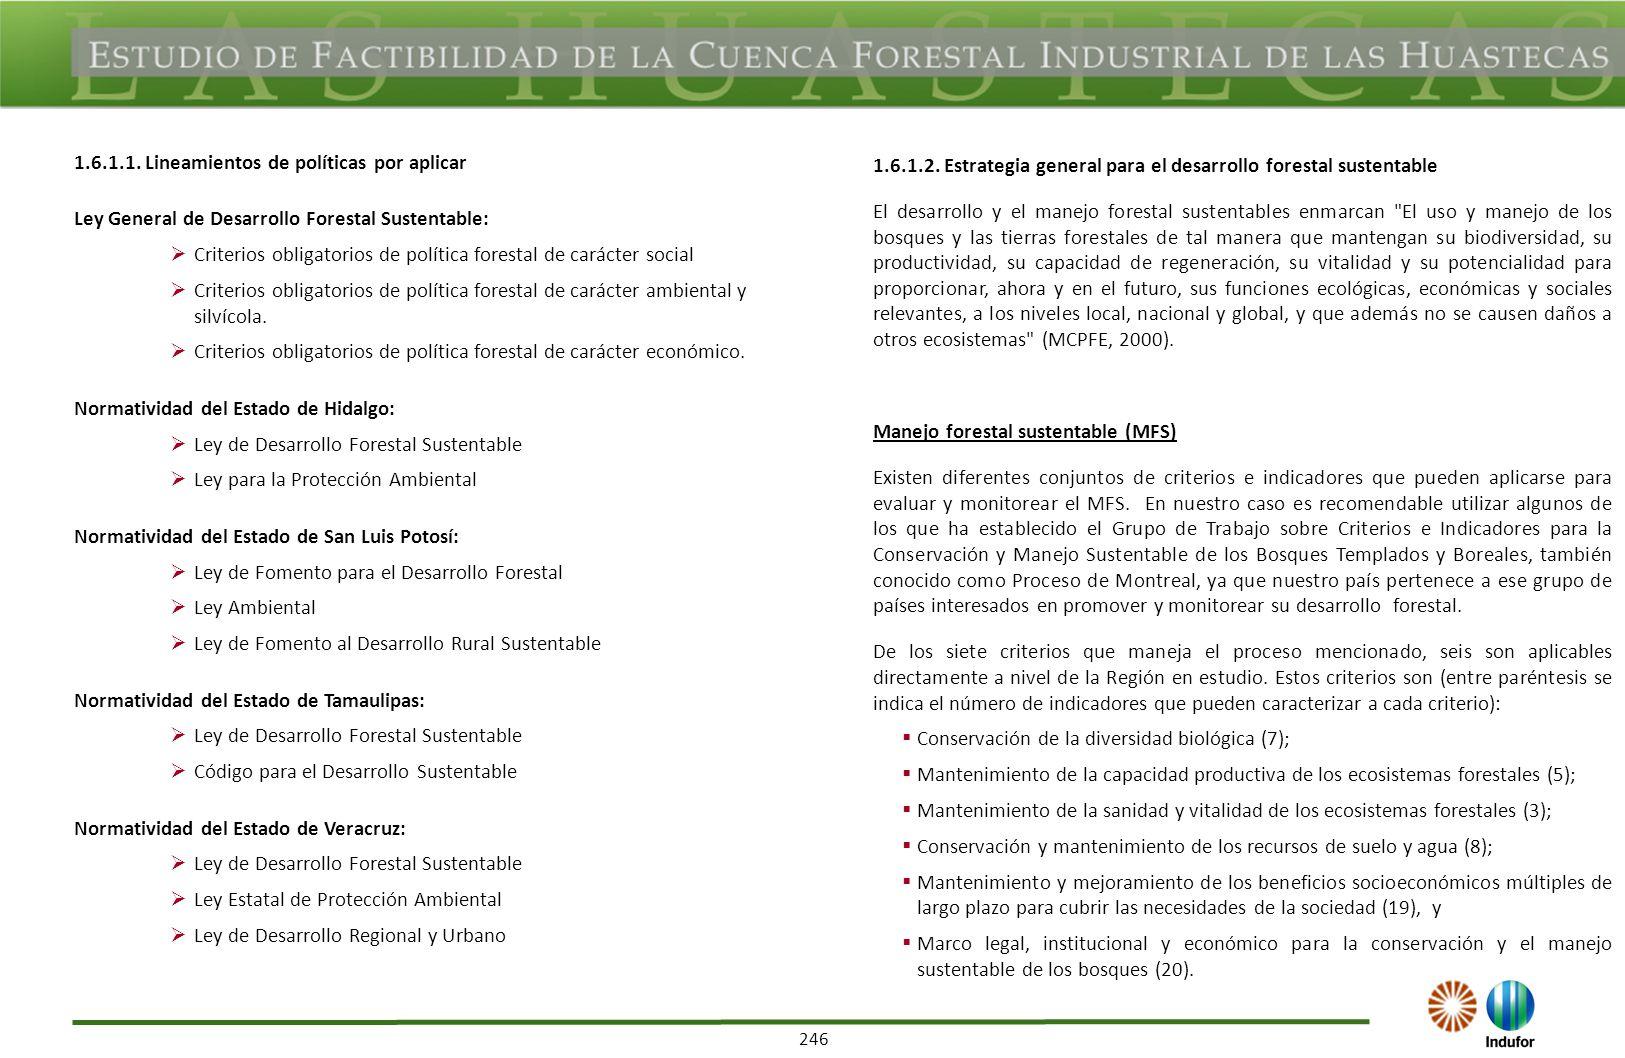 257 1.6.3.2.Potencial de Plantaciones Comerciales (maderable y no maderable) 1.6.3.2.1.